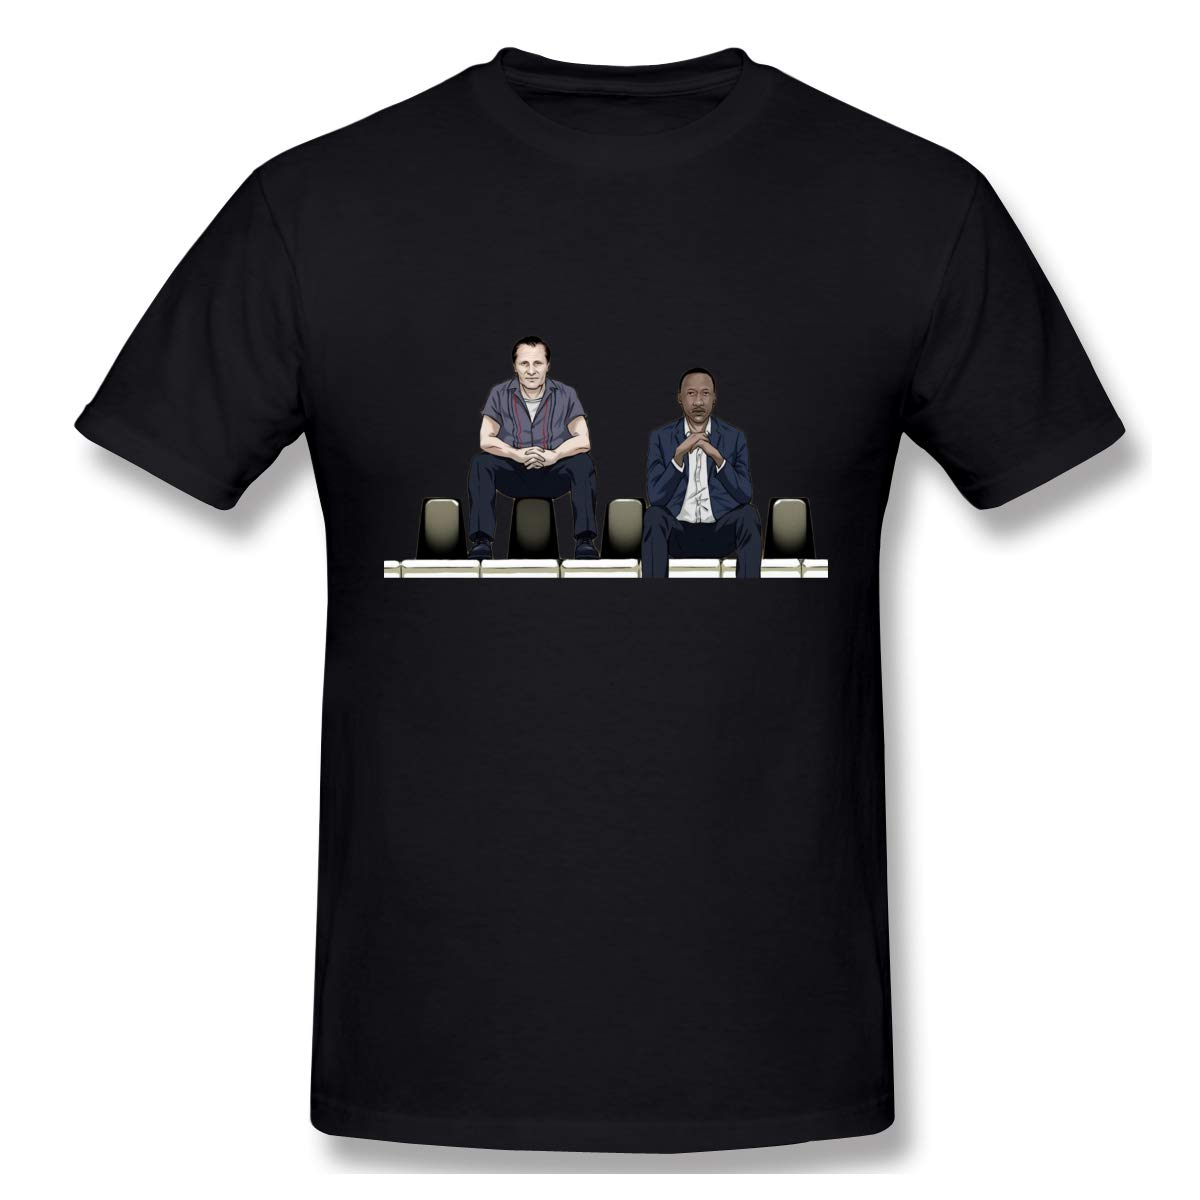 Qidong Green Book Movie Personality Cartoon Character Viggo Mortensen and Mahershala Ali Mens Basic Short Sleeve T-Shirt